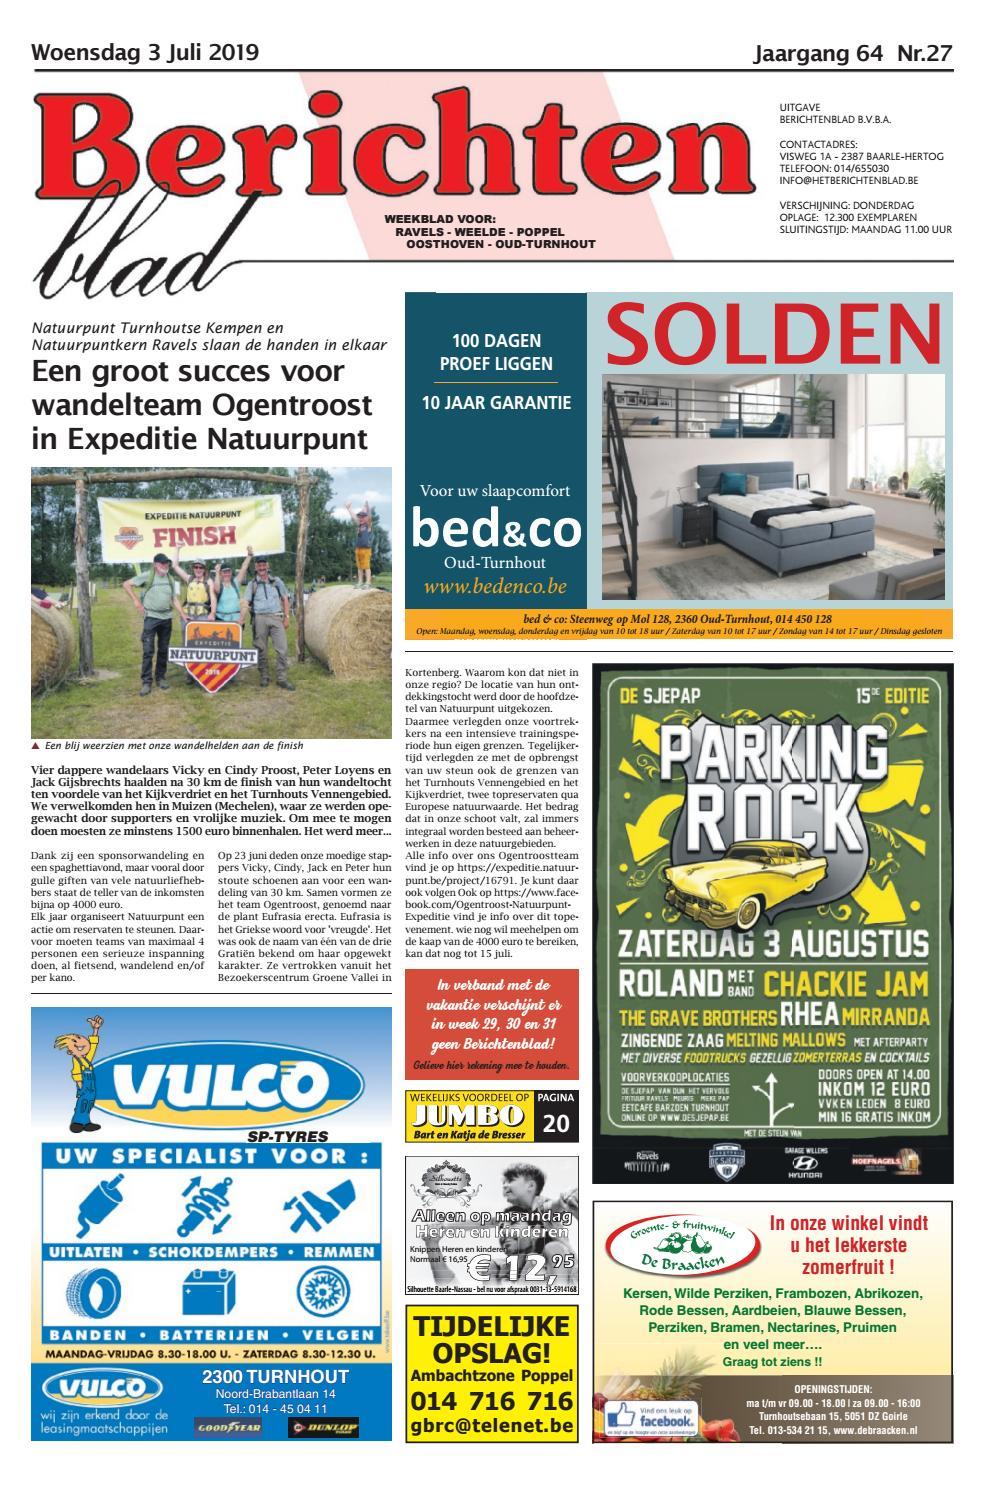 Spiegeltje Baarle Hertog.Berichtenblad 03 07 2019 By Uitgeverij Em De Jong Issuu